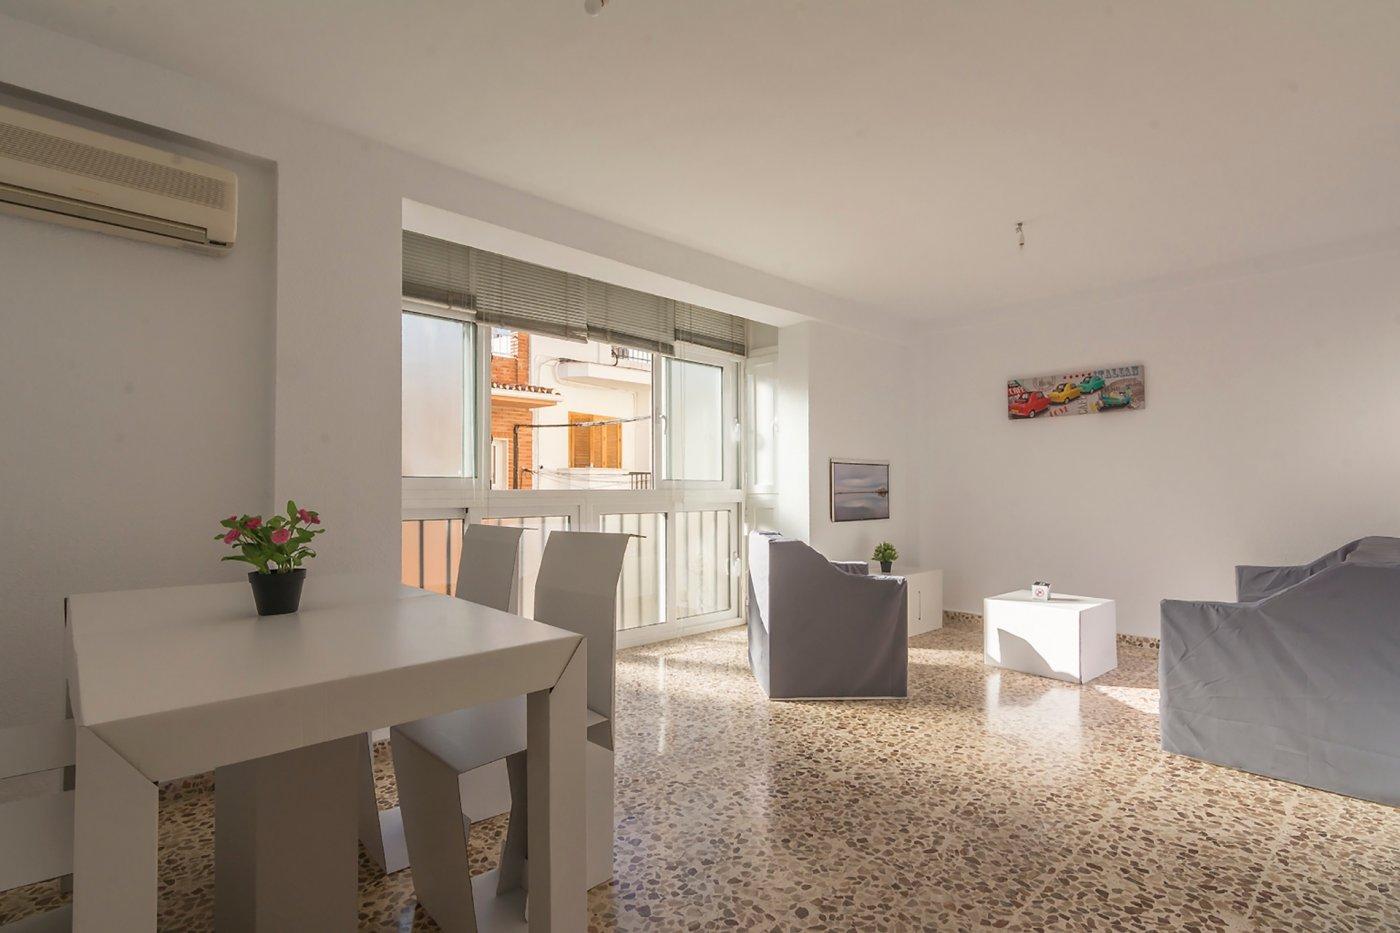 piso en benalmadena · arroyo-de-la-miel 136000€